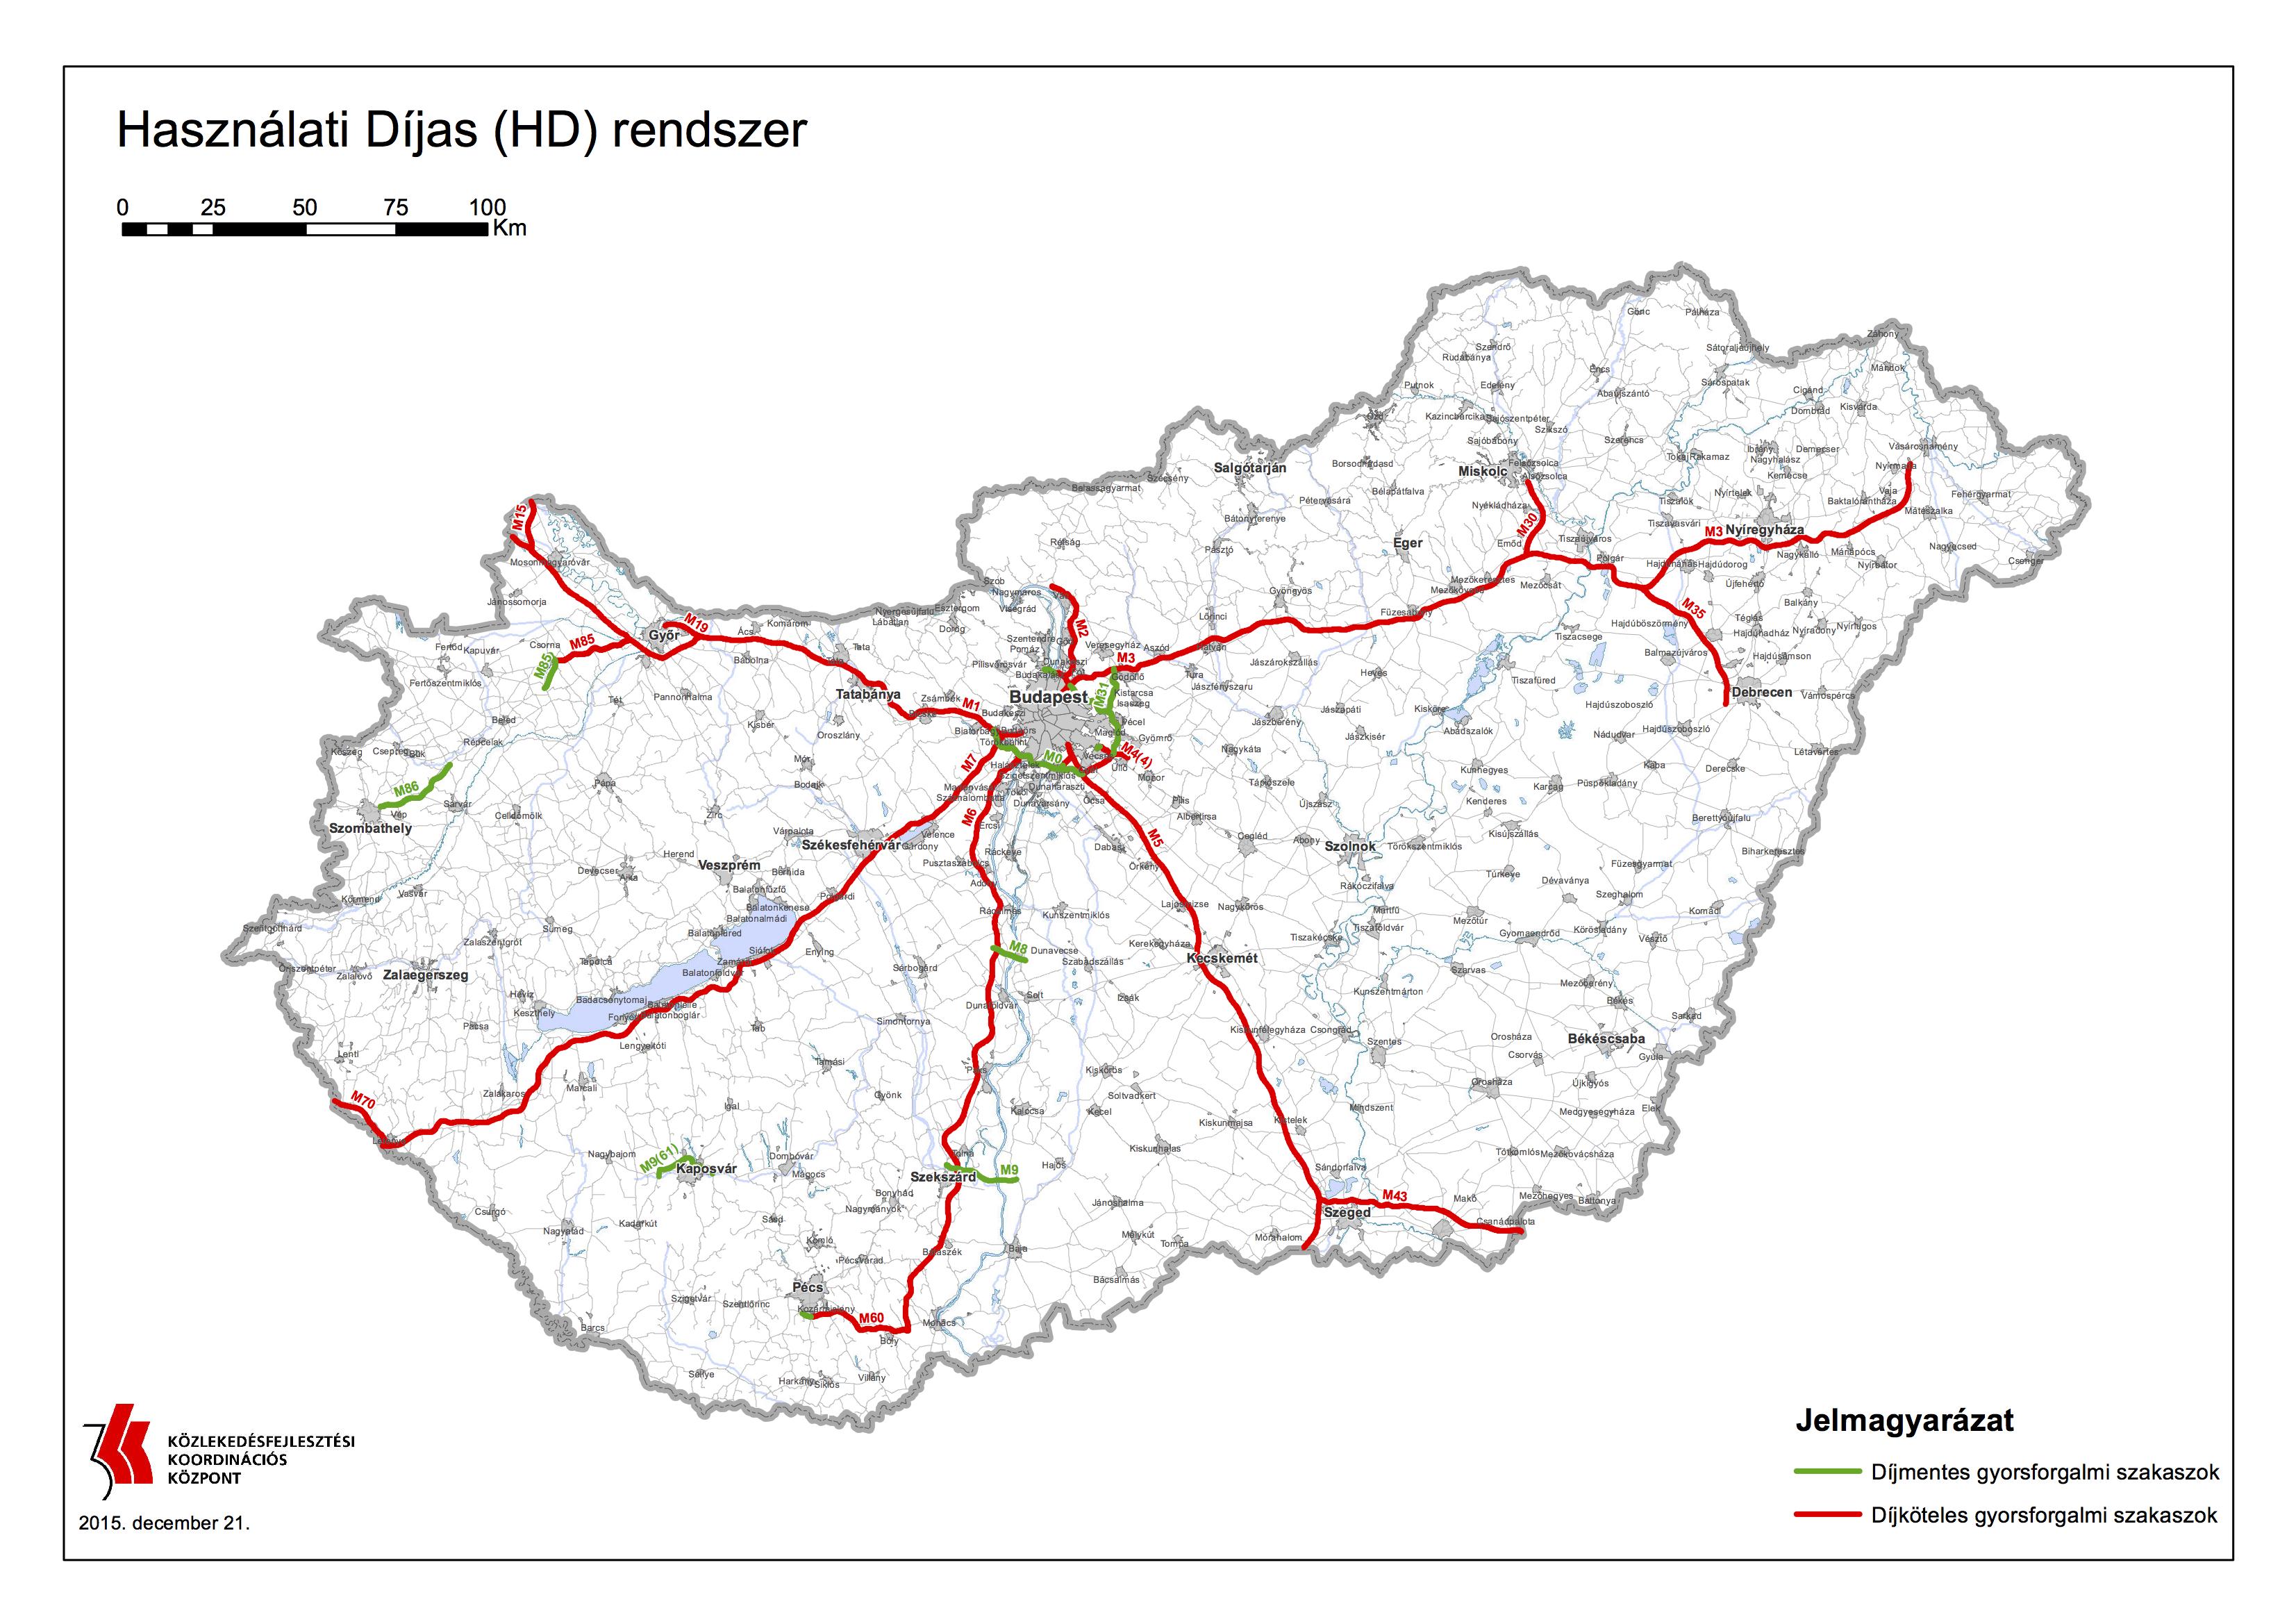 útdíj térkép magyarország Íme a térképek, hogy hol kell útdíjat fizetni 2016 ban | Vezess útdíj térkép magyarország